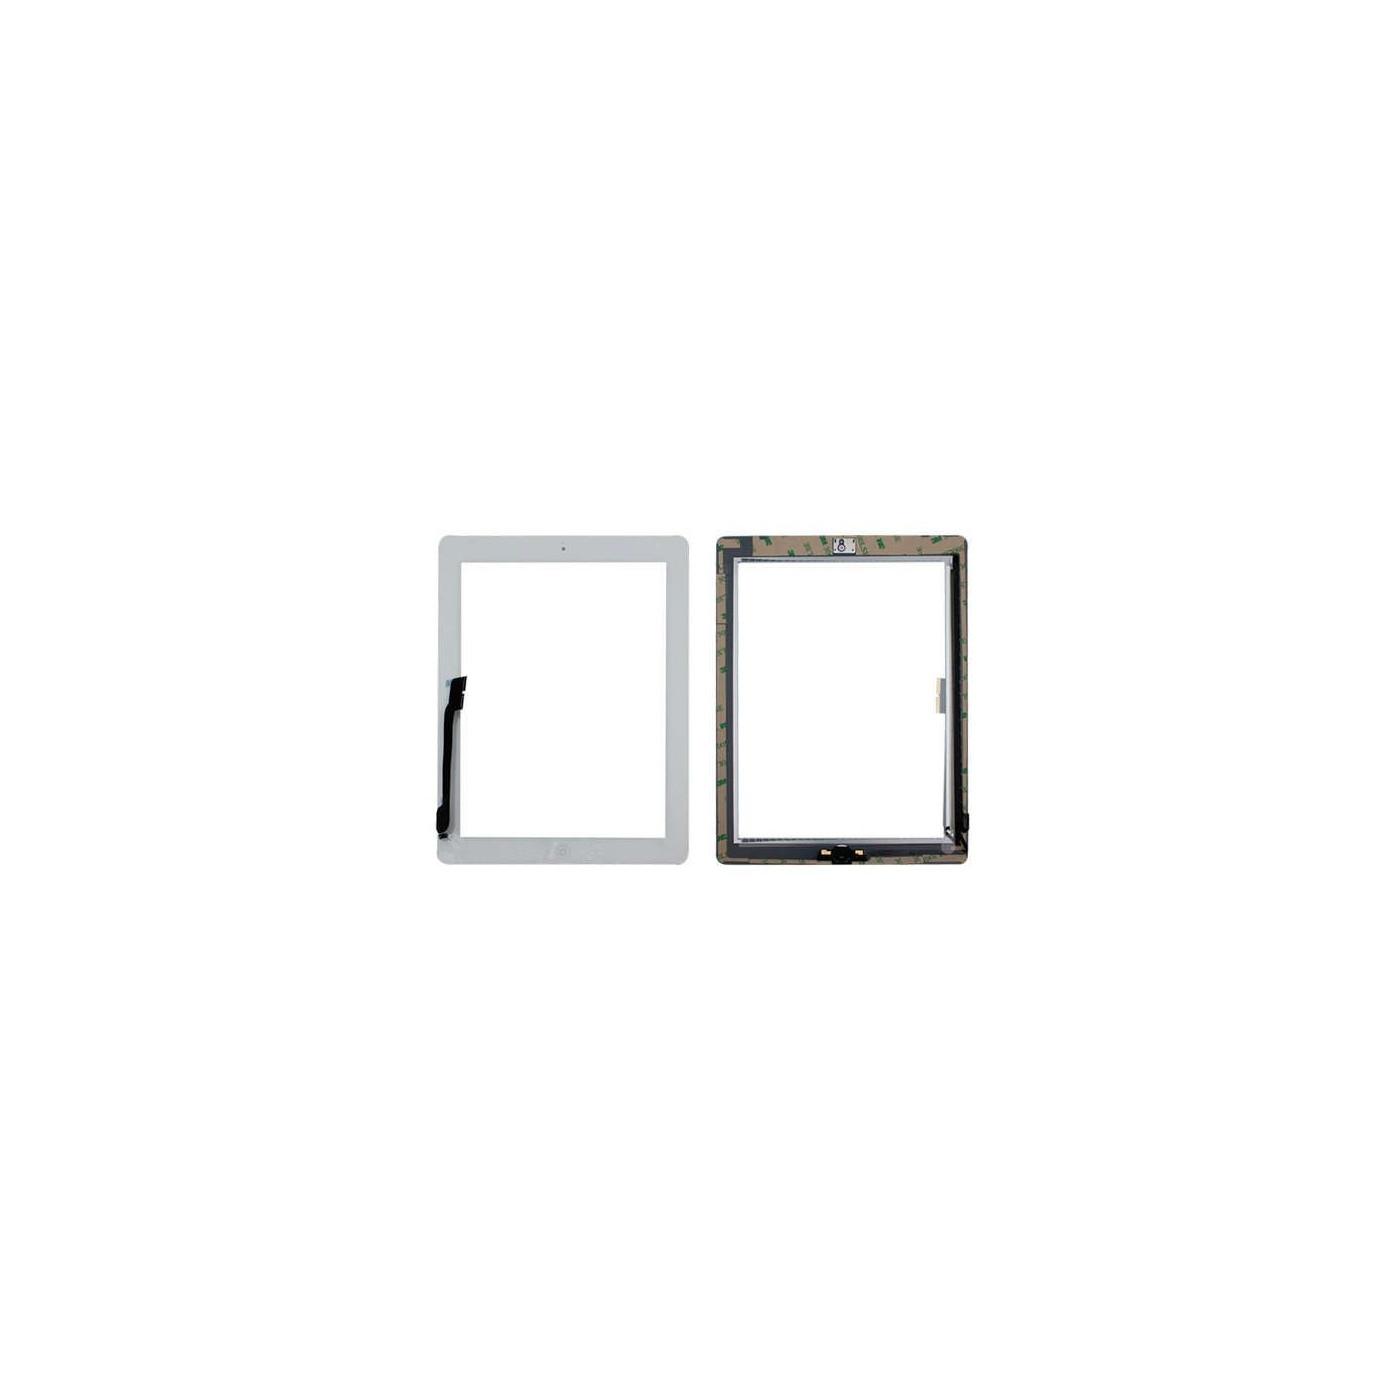 PANTALLA TÁCTIL Apple iPad 4 blanco A1458 A1459 A1460 WiFi y 3G GLASS + tecla de inicio